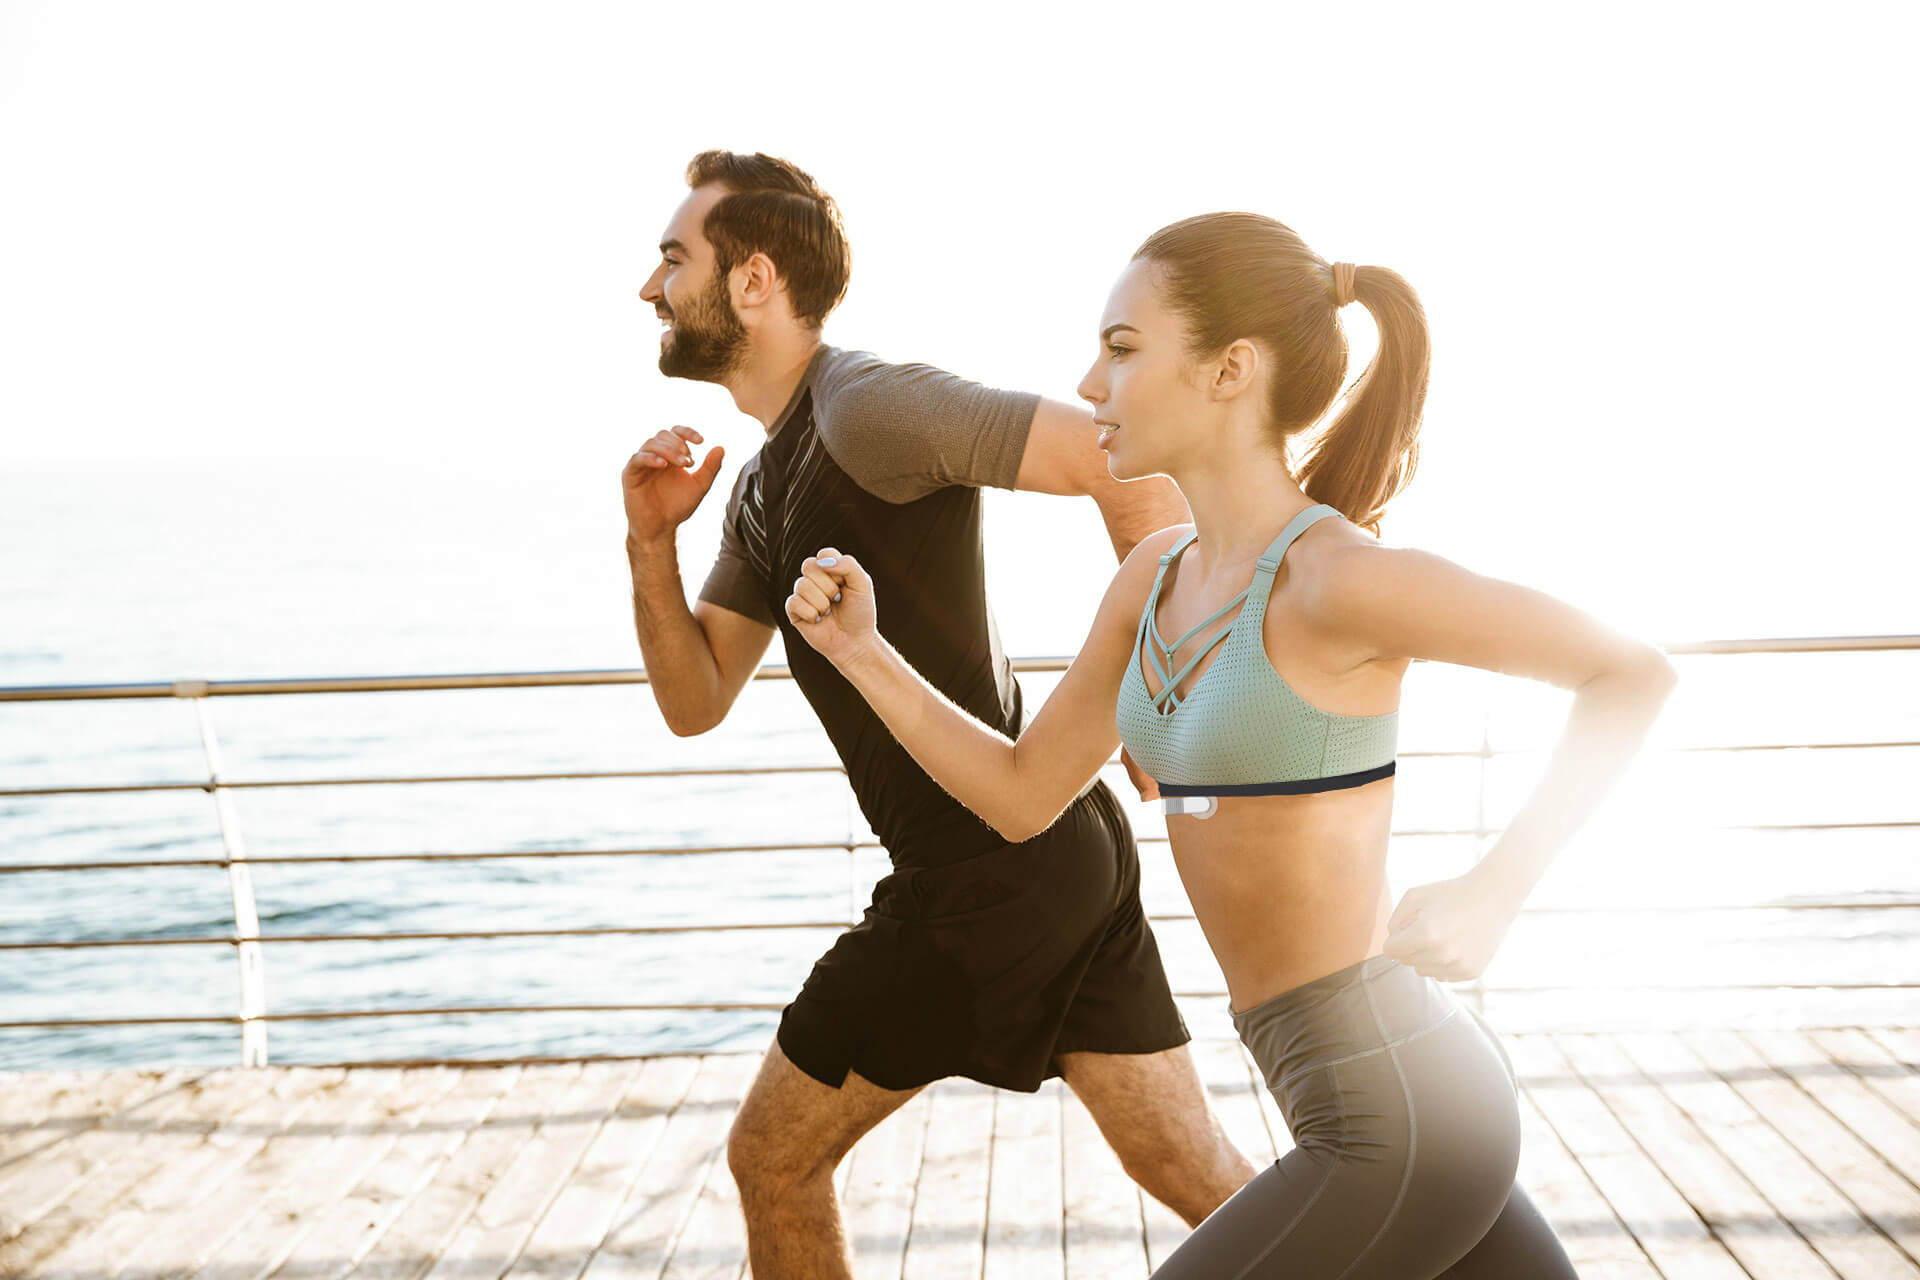 شراء الرياضة تعقب معدل ضربات القلب ECG